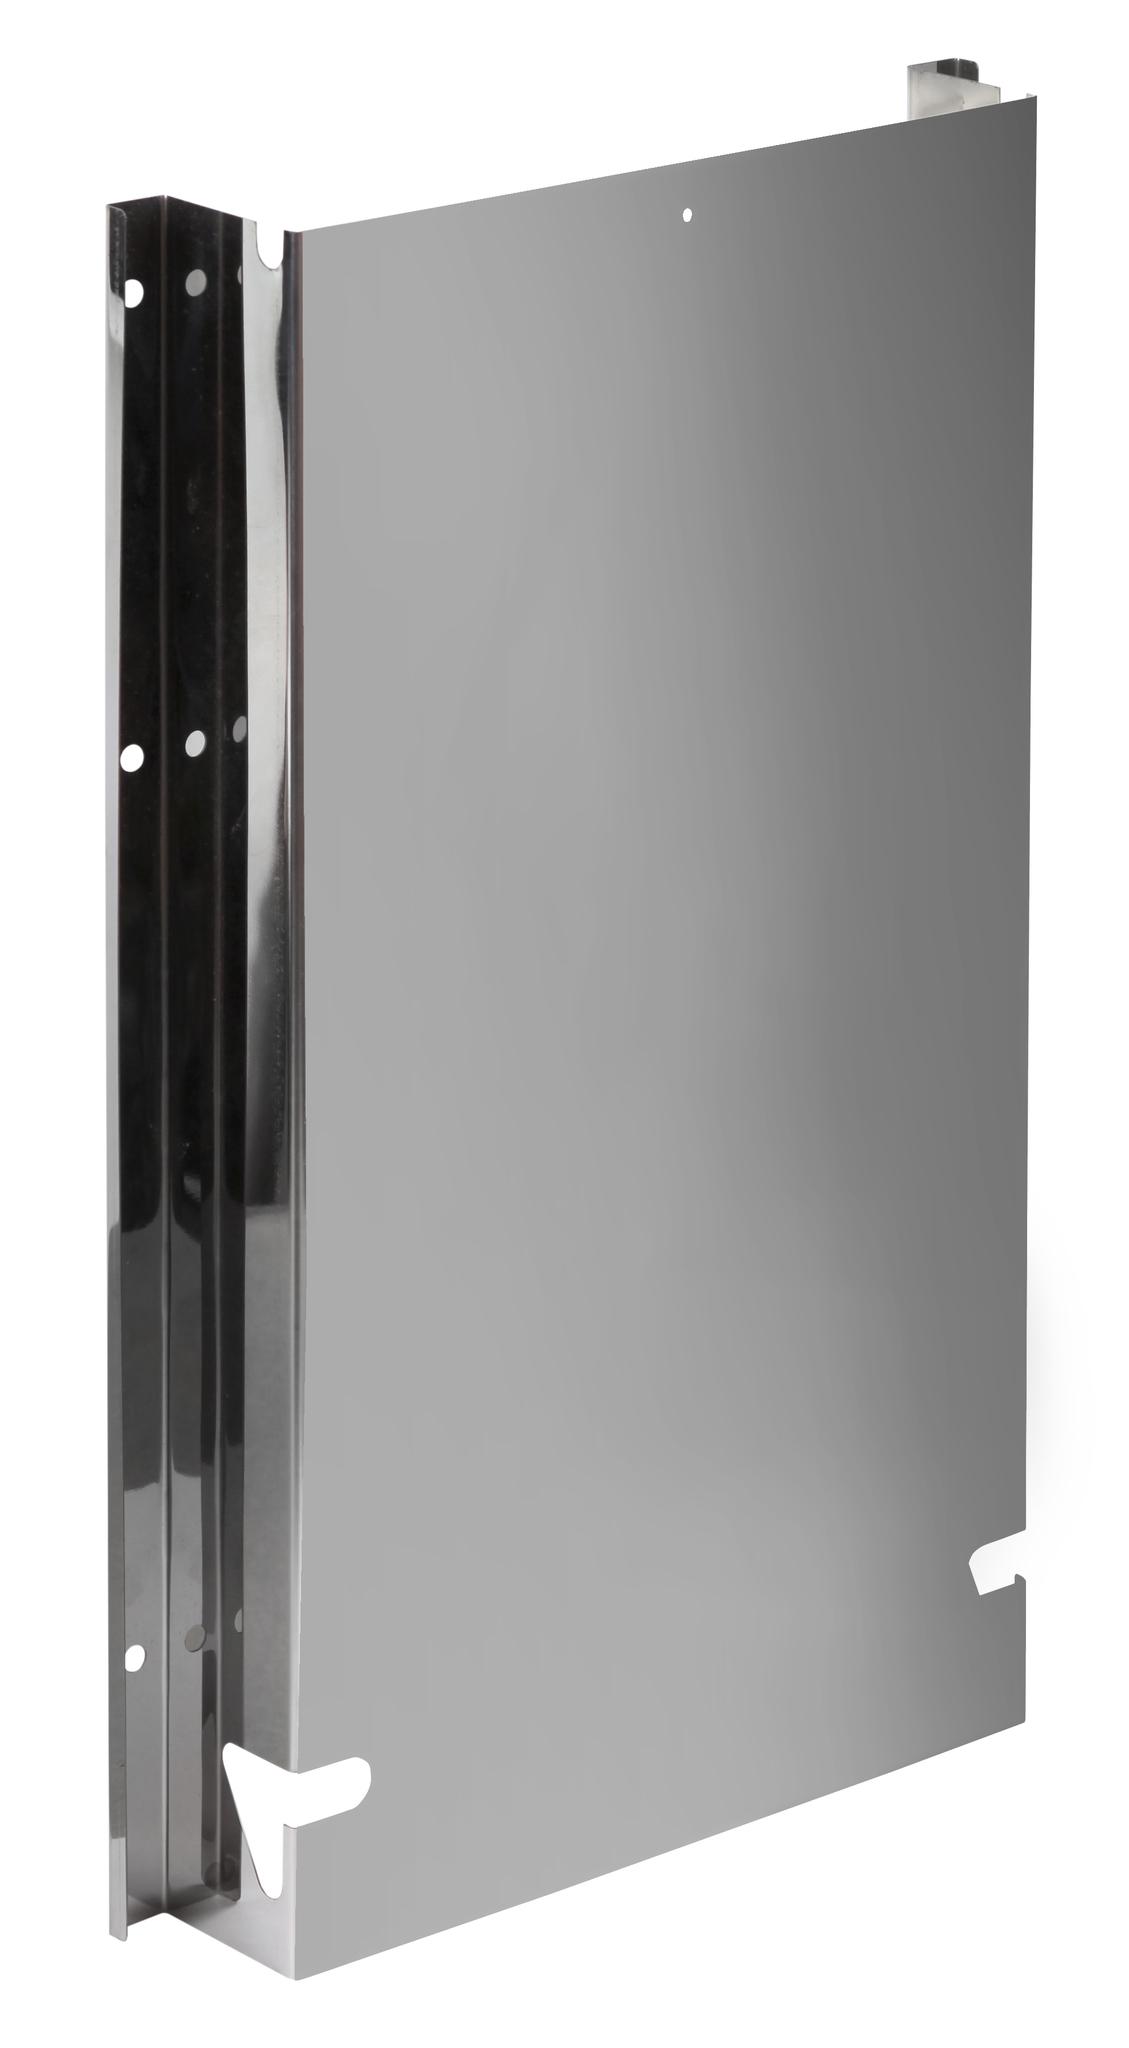 Монтажные элементы: Кронштейн SAWO HP07-001 для монтажа печи MINI и Scandia 8 кВт- 9 кВт rcf link bar hdl20 hdl18 дополнительный кронштейн для монтажа hdl20 к hdl18 в подвесном кластере в комплекте 2 шт